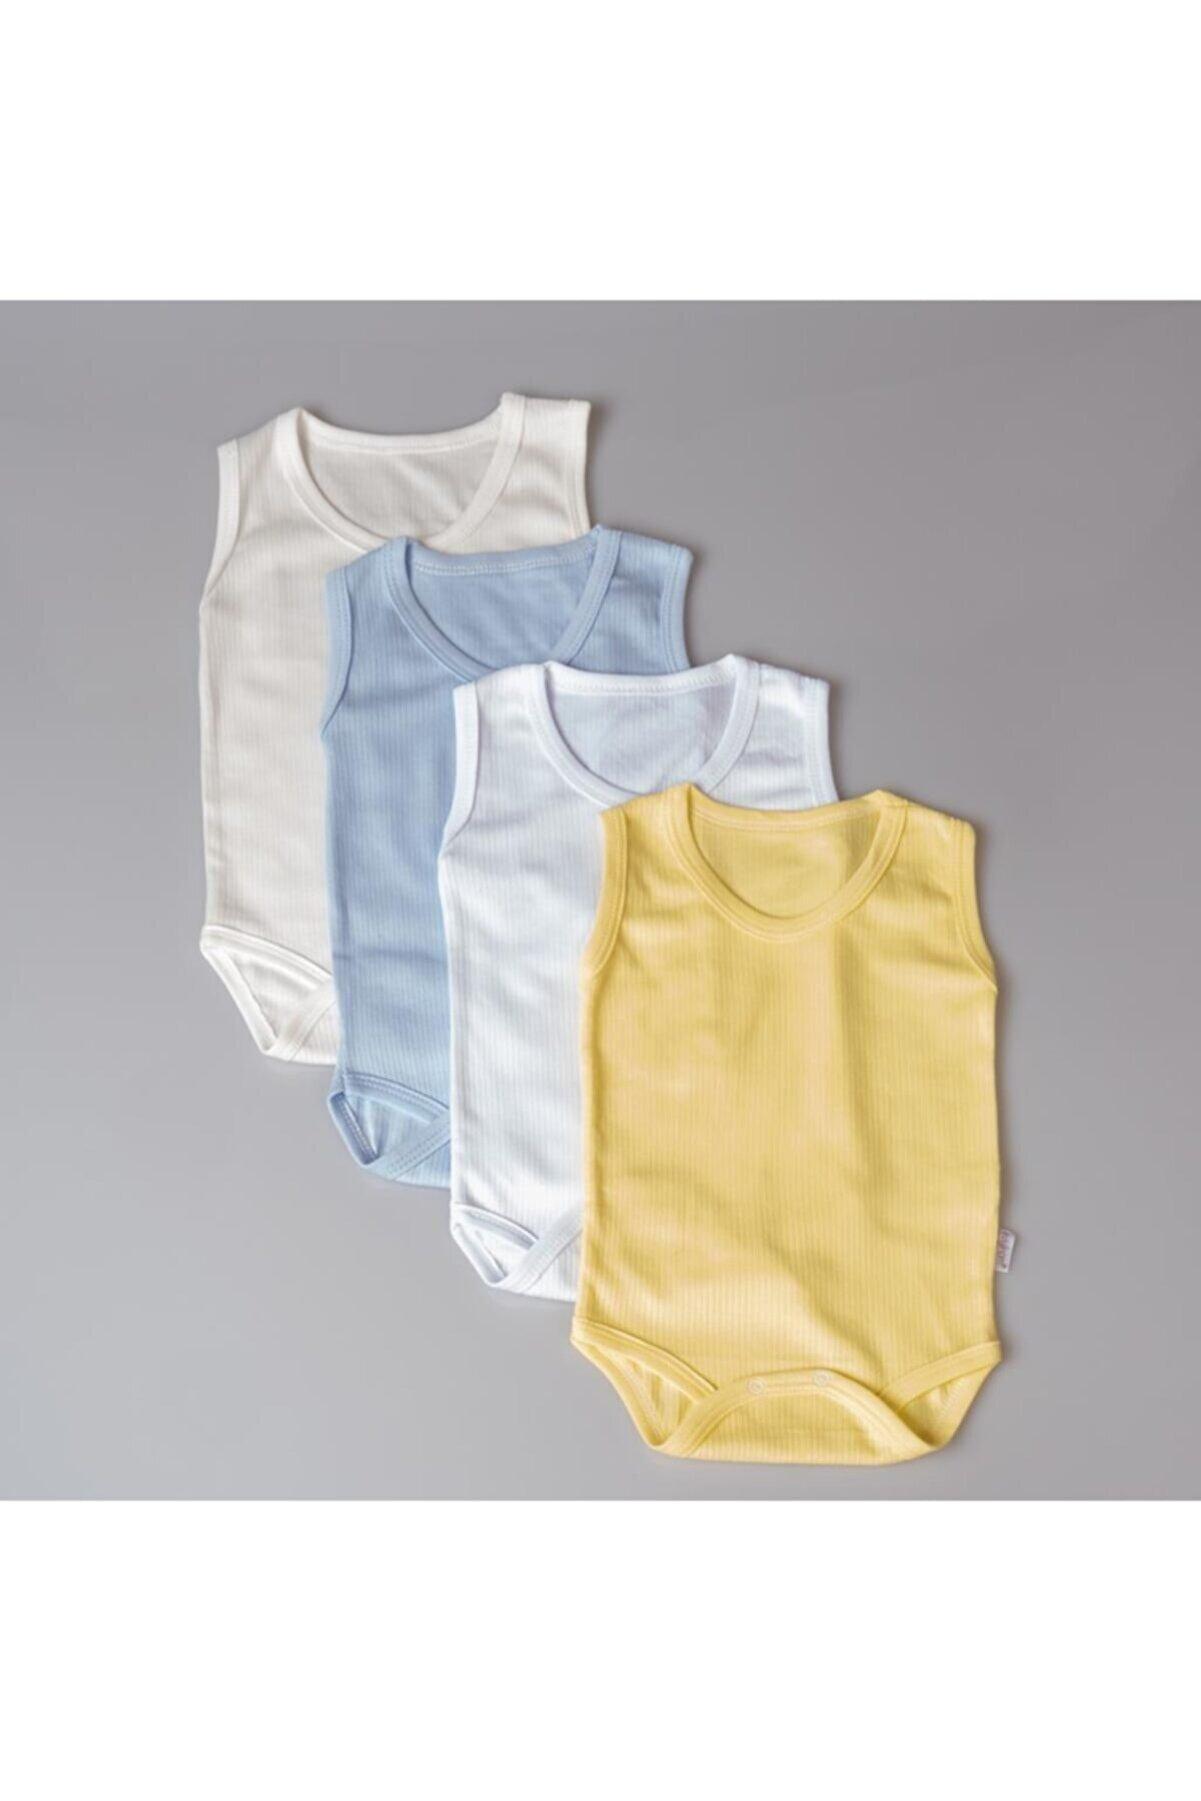 POKY BEBE %100 Pamuklu Erkek Bebek Askılı Body Zıbın Takım Çıtçıtlı Fitil Desen 4'lü